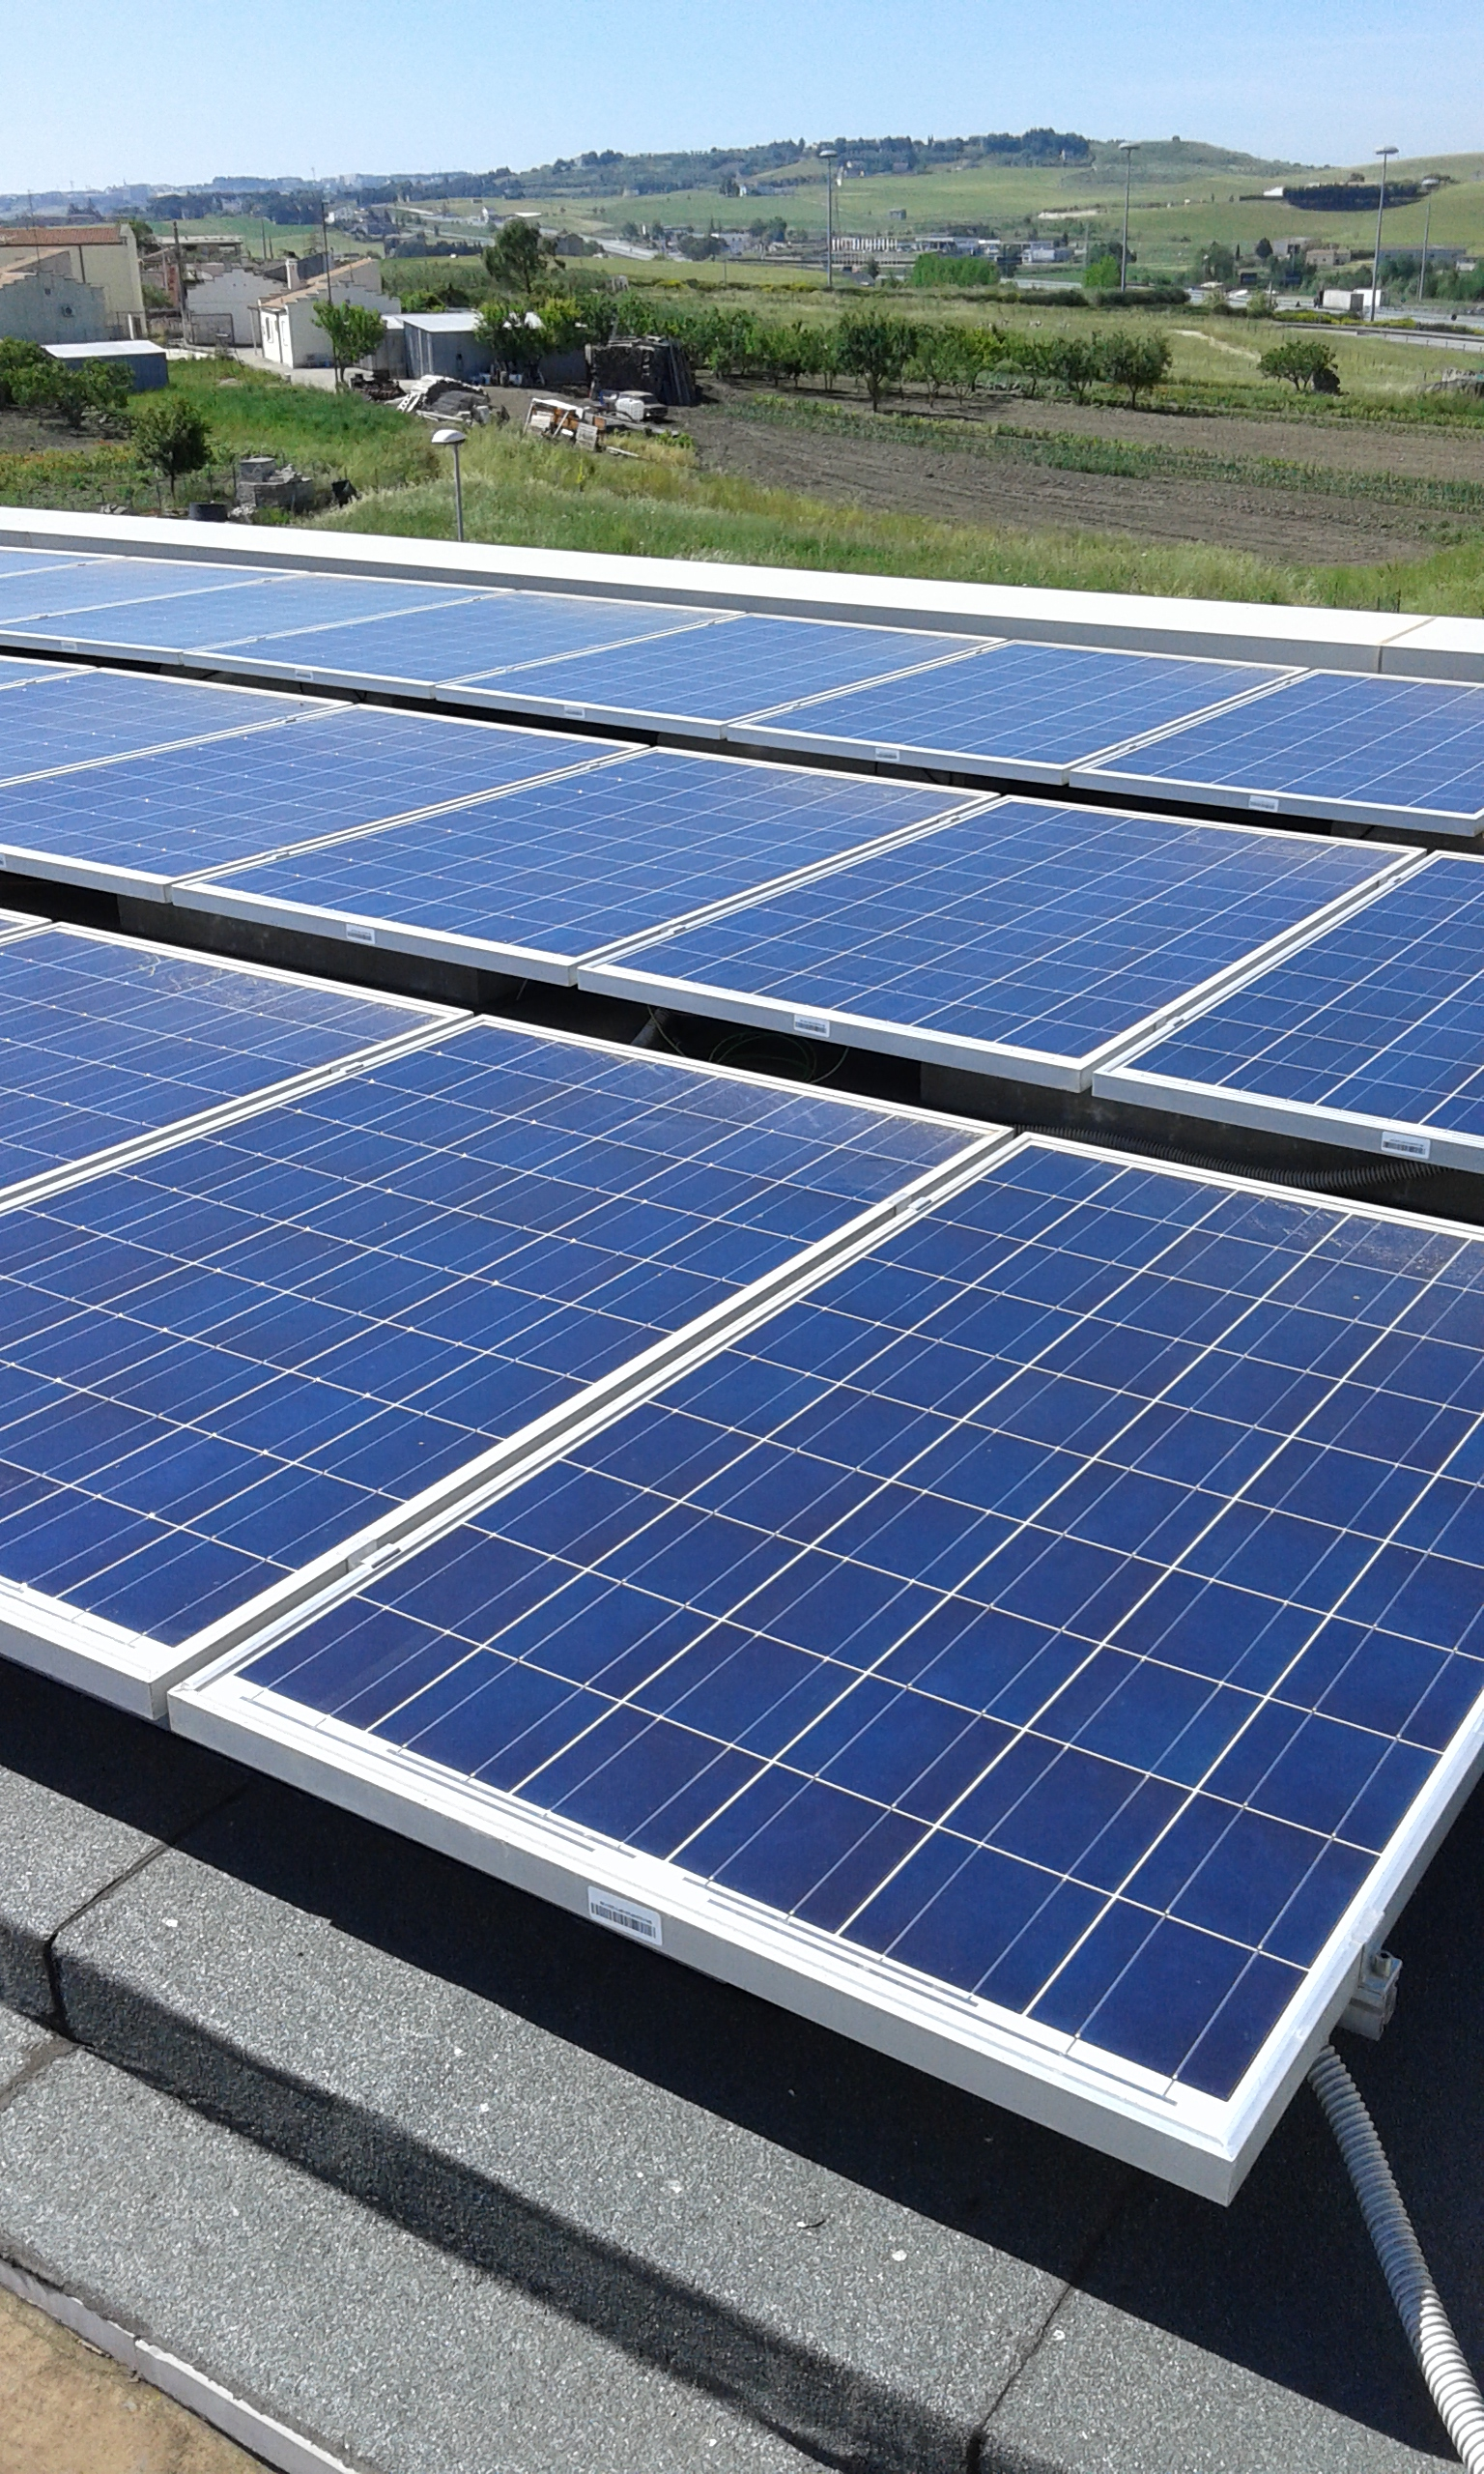 Vendere Energia Elettrica Da Fotovoltaico impianti fotovoltaici - savi impianti elettrici, sicurezza e